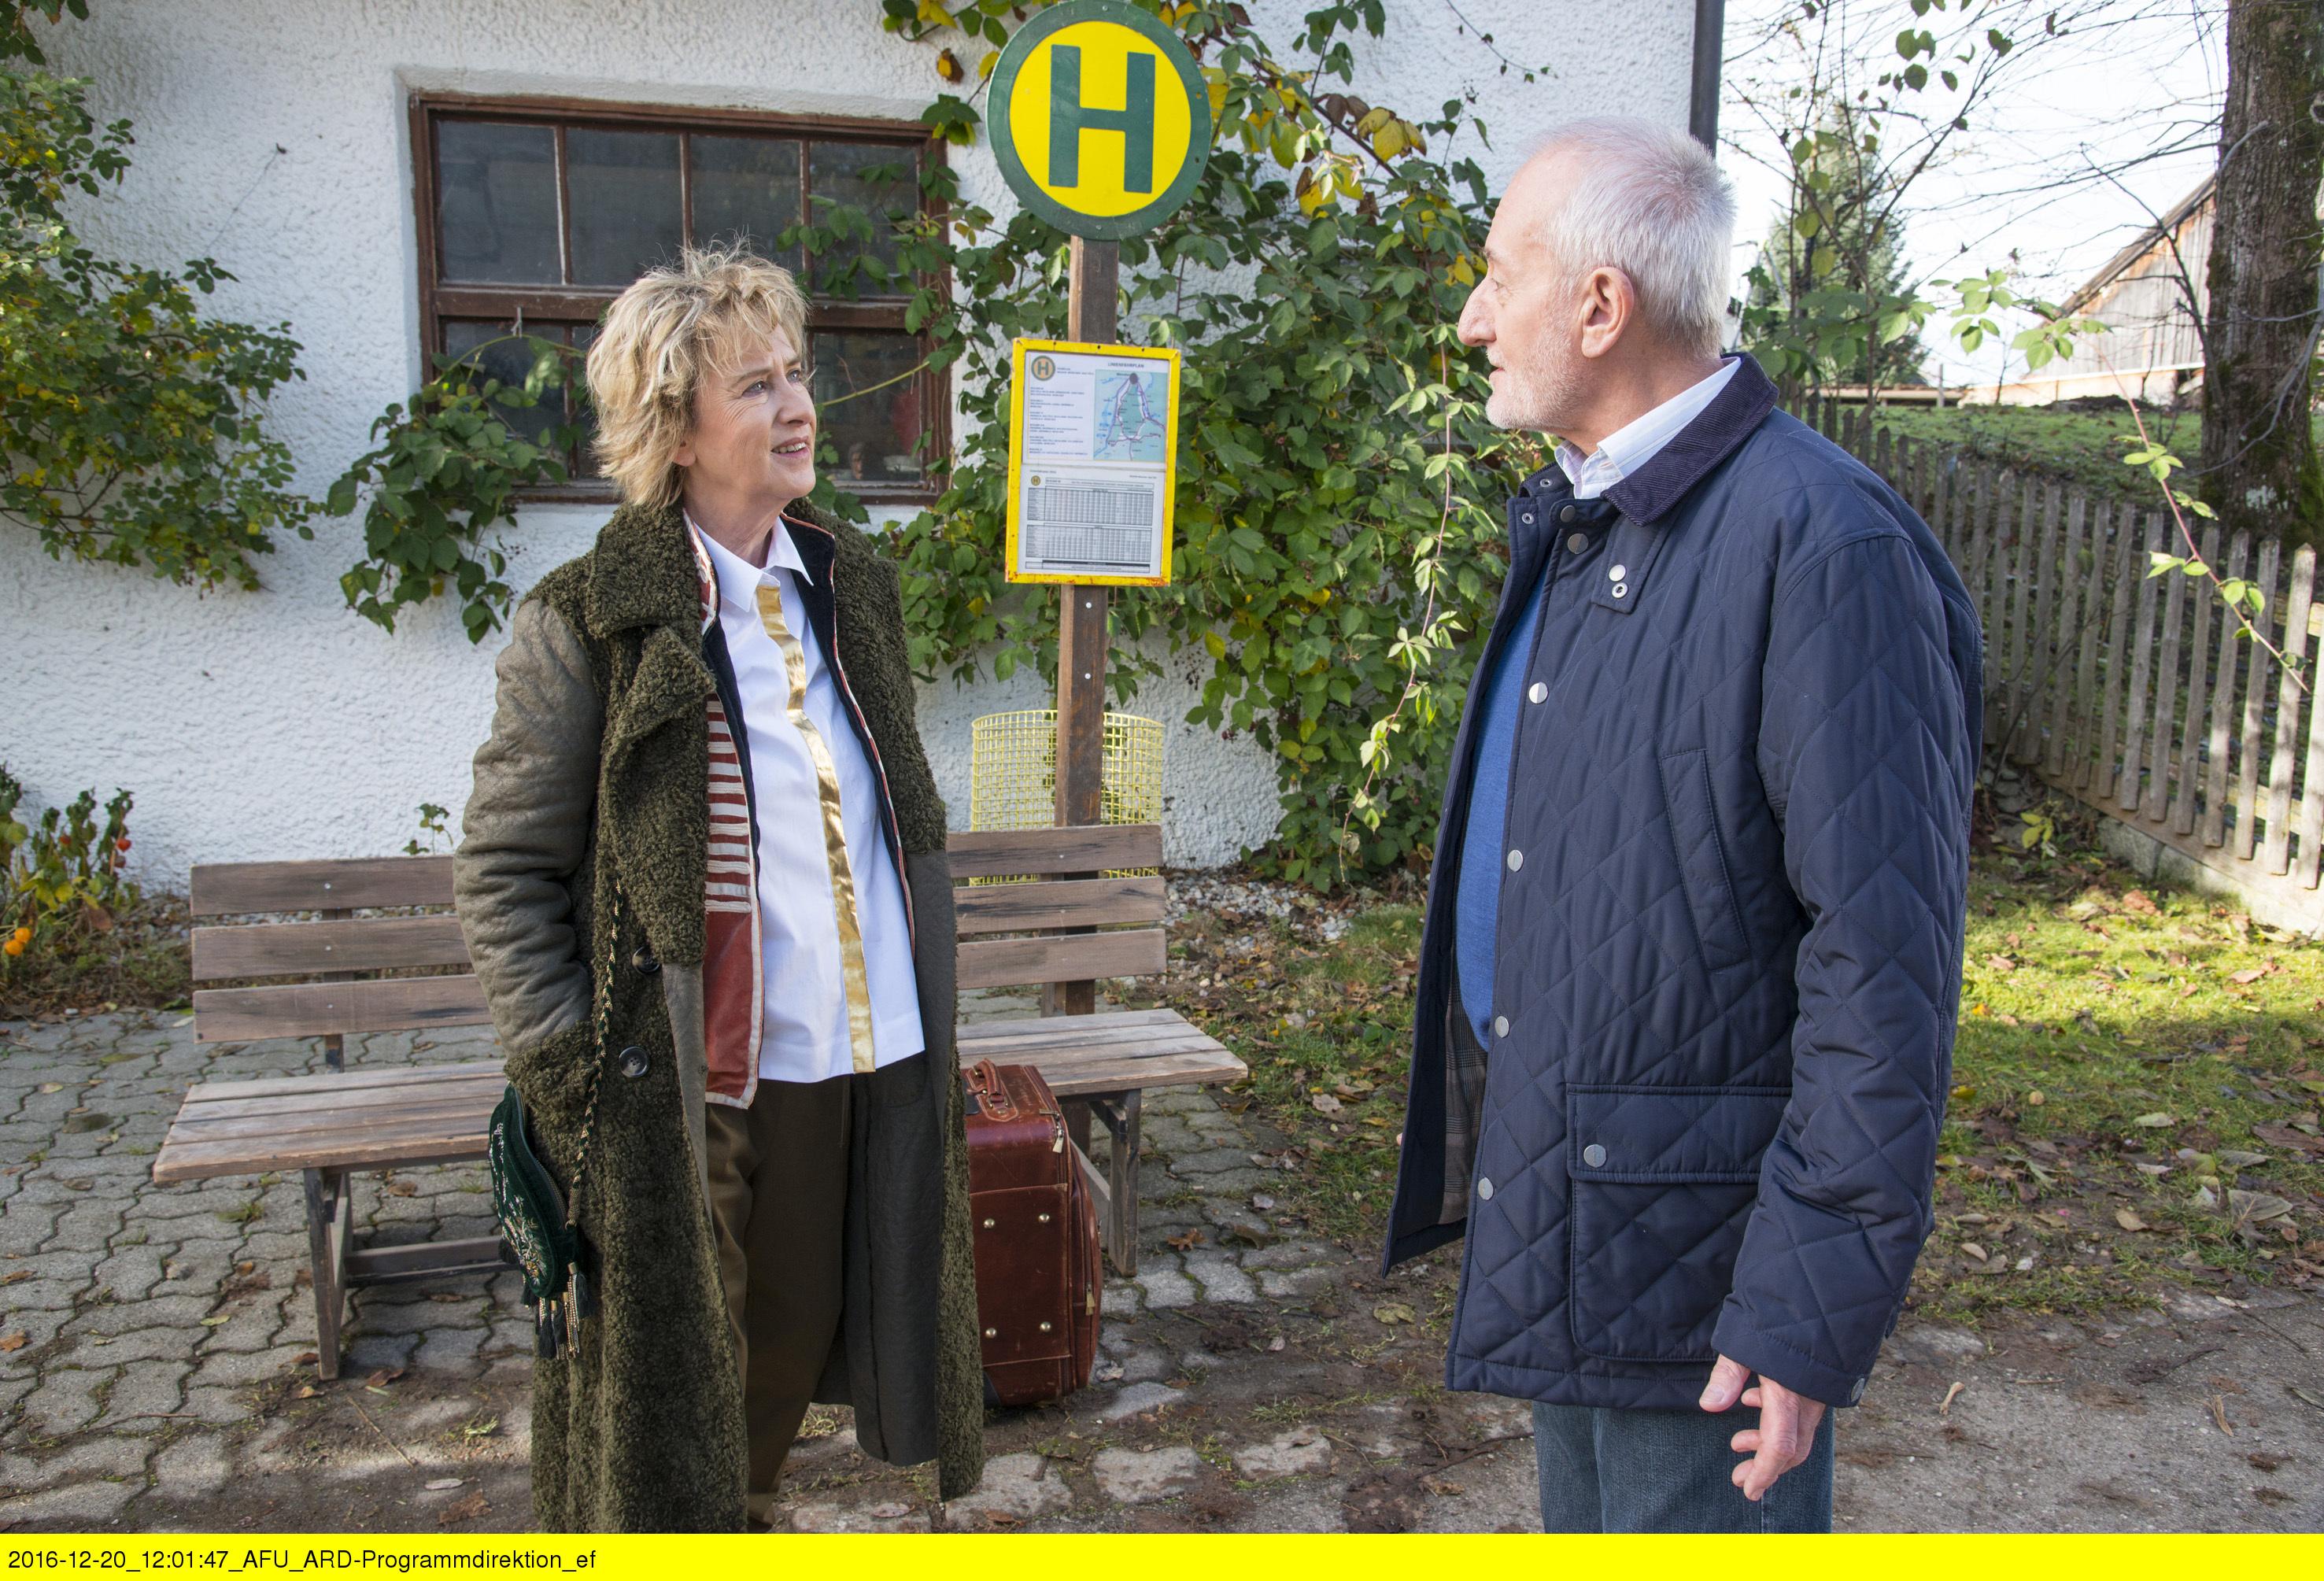 ARD STURM DER LIEBE FOLGE 2627, am Montag (06.02.17) um 15:10 Uhr im ERSTEN. Als Alfons (Sepp Schauer, r.) auf seine Jugendliebe Gerti (Beatrice Richter, l.) trifft, erfährt er, dass sie angeblich wegen schlechter Schwingungen einem Treffen mit Melli ausgewichen ist. Beatrice Richter kommt als Gerti Schönfeld an den Fürstenhof. Die spirituell angehauchte, egozentrische und attraktive Gerti ist die leibliche Mutter von Melli und musste ihr Kind gleich nach der Geburt weggeben. (Quelle: ARD/Marco Meenen)